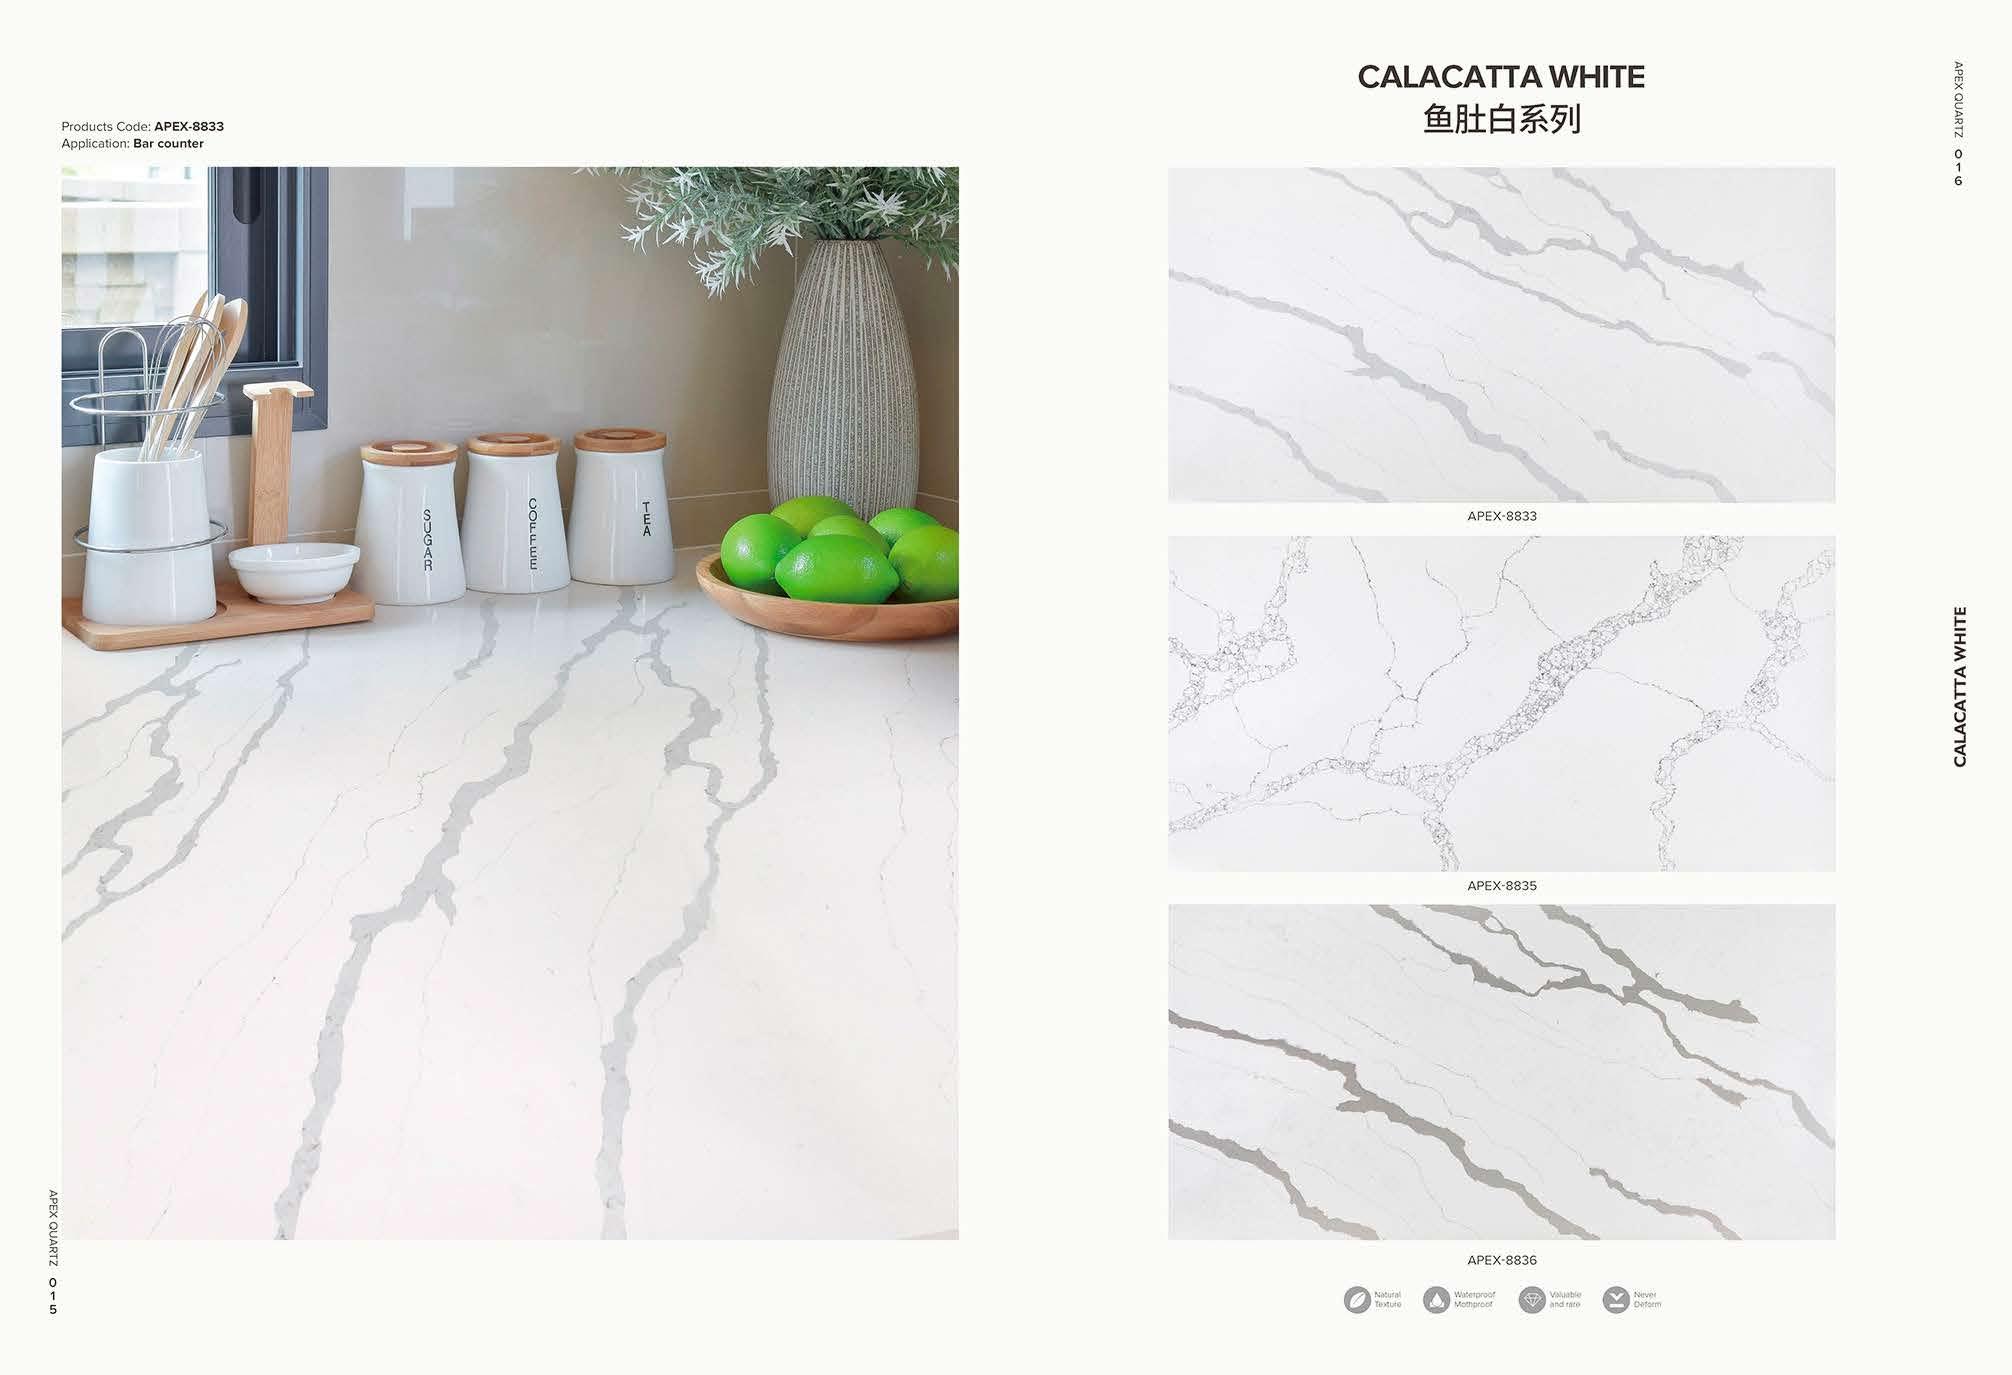 calacatta white quartz stone 1